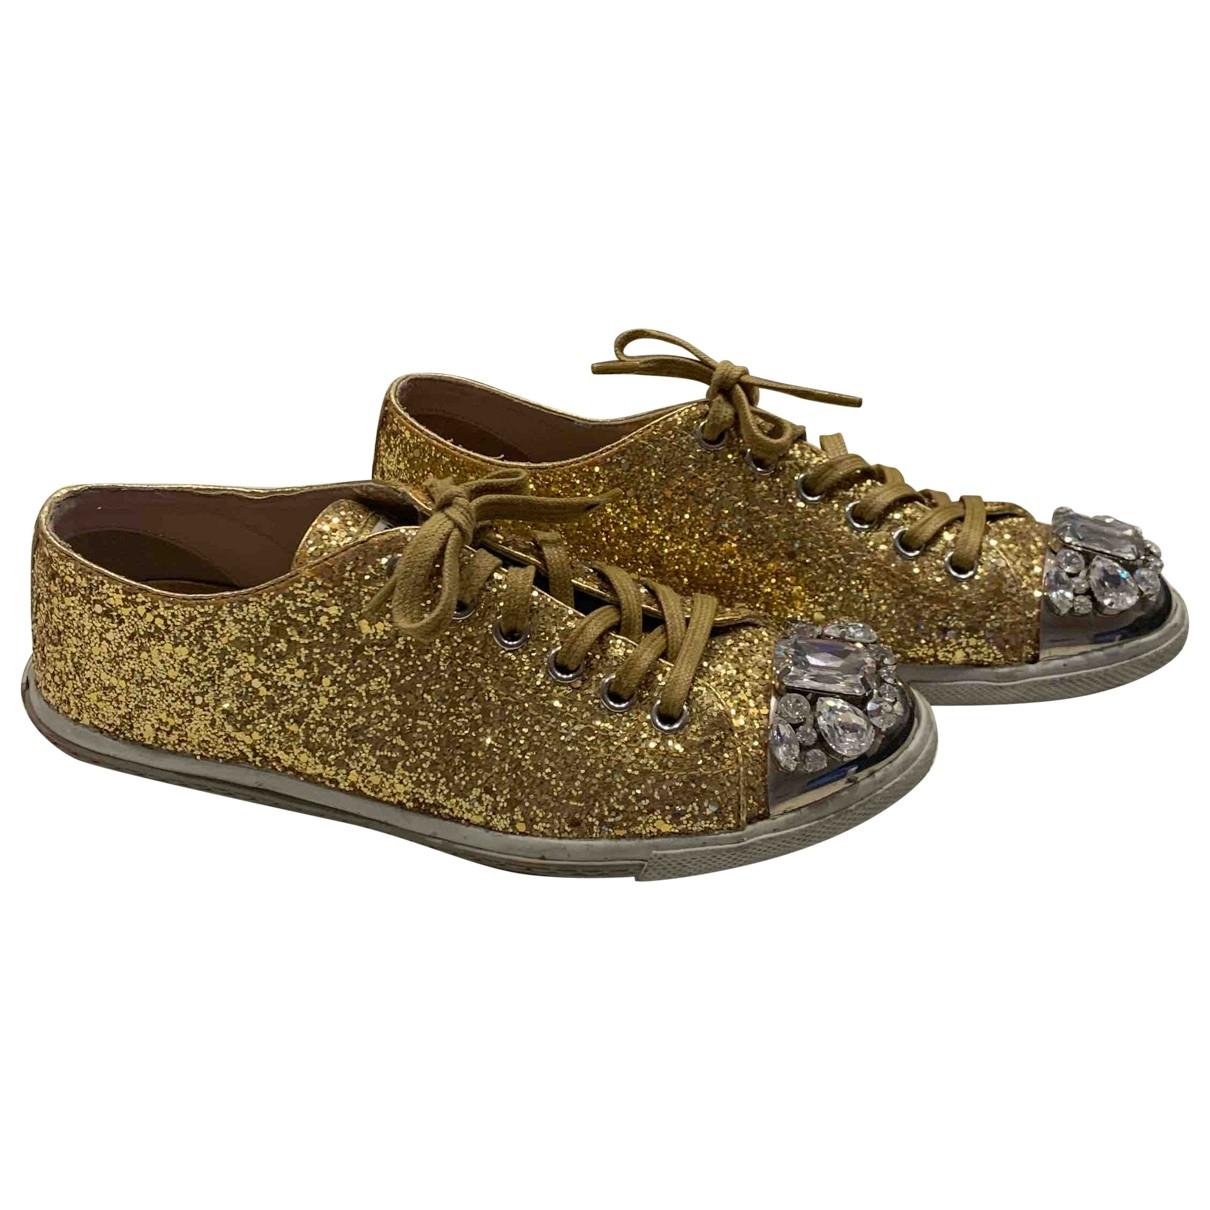 Miu Miu \N Sneakers in  Gold Mit Pailletten